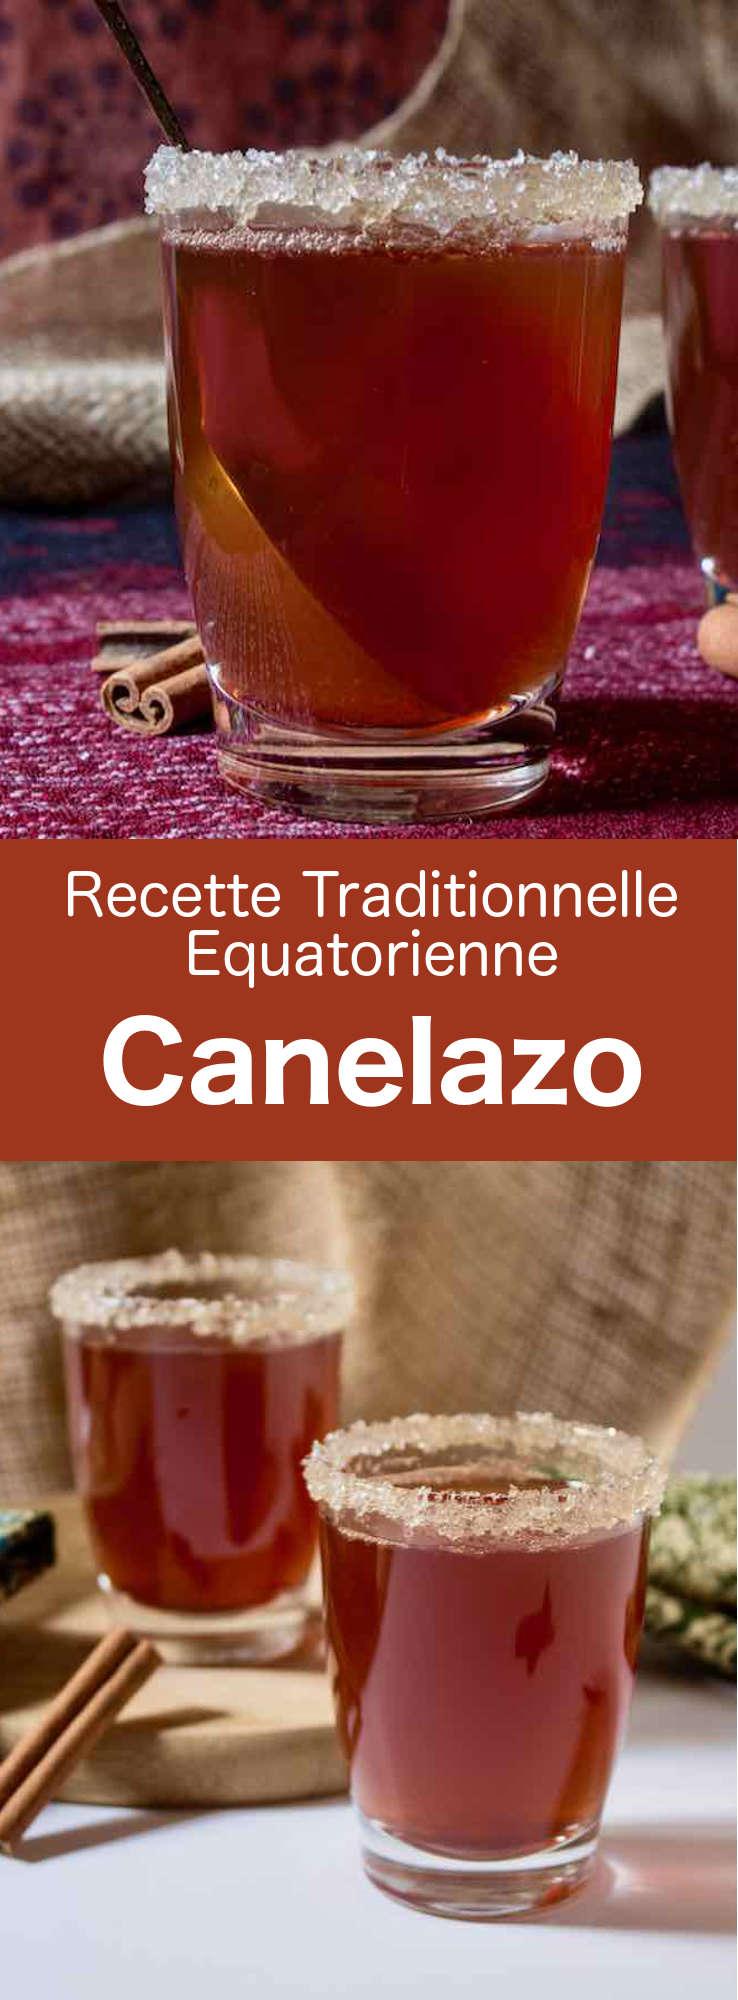 Le canelazo est une boisson chaude épicée alcoolisée à base d'Aguardiente, consommée dans les régions montagneuses d'Equateur, de Colombie et du nord de l'Argentine. #Equateur #RecetteEquatorienne #CuisineEquatorienne #AmeriqueLatine #CuisineDuMonde #196flavors